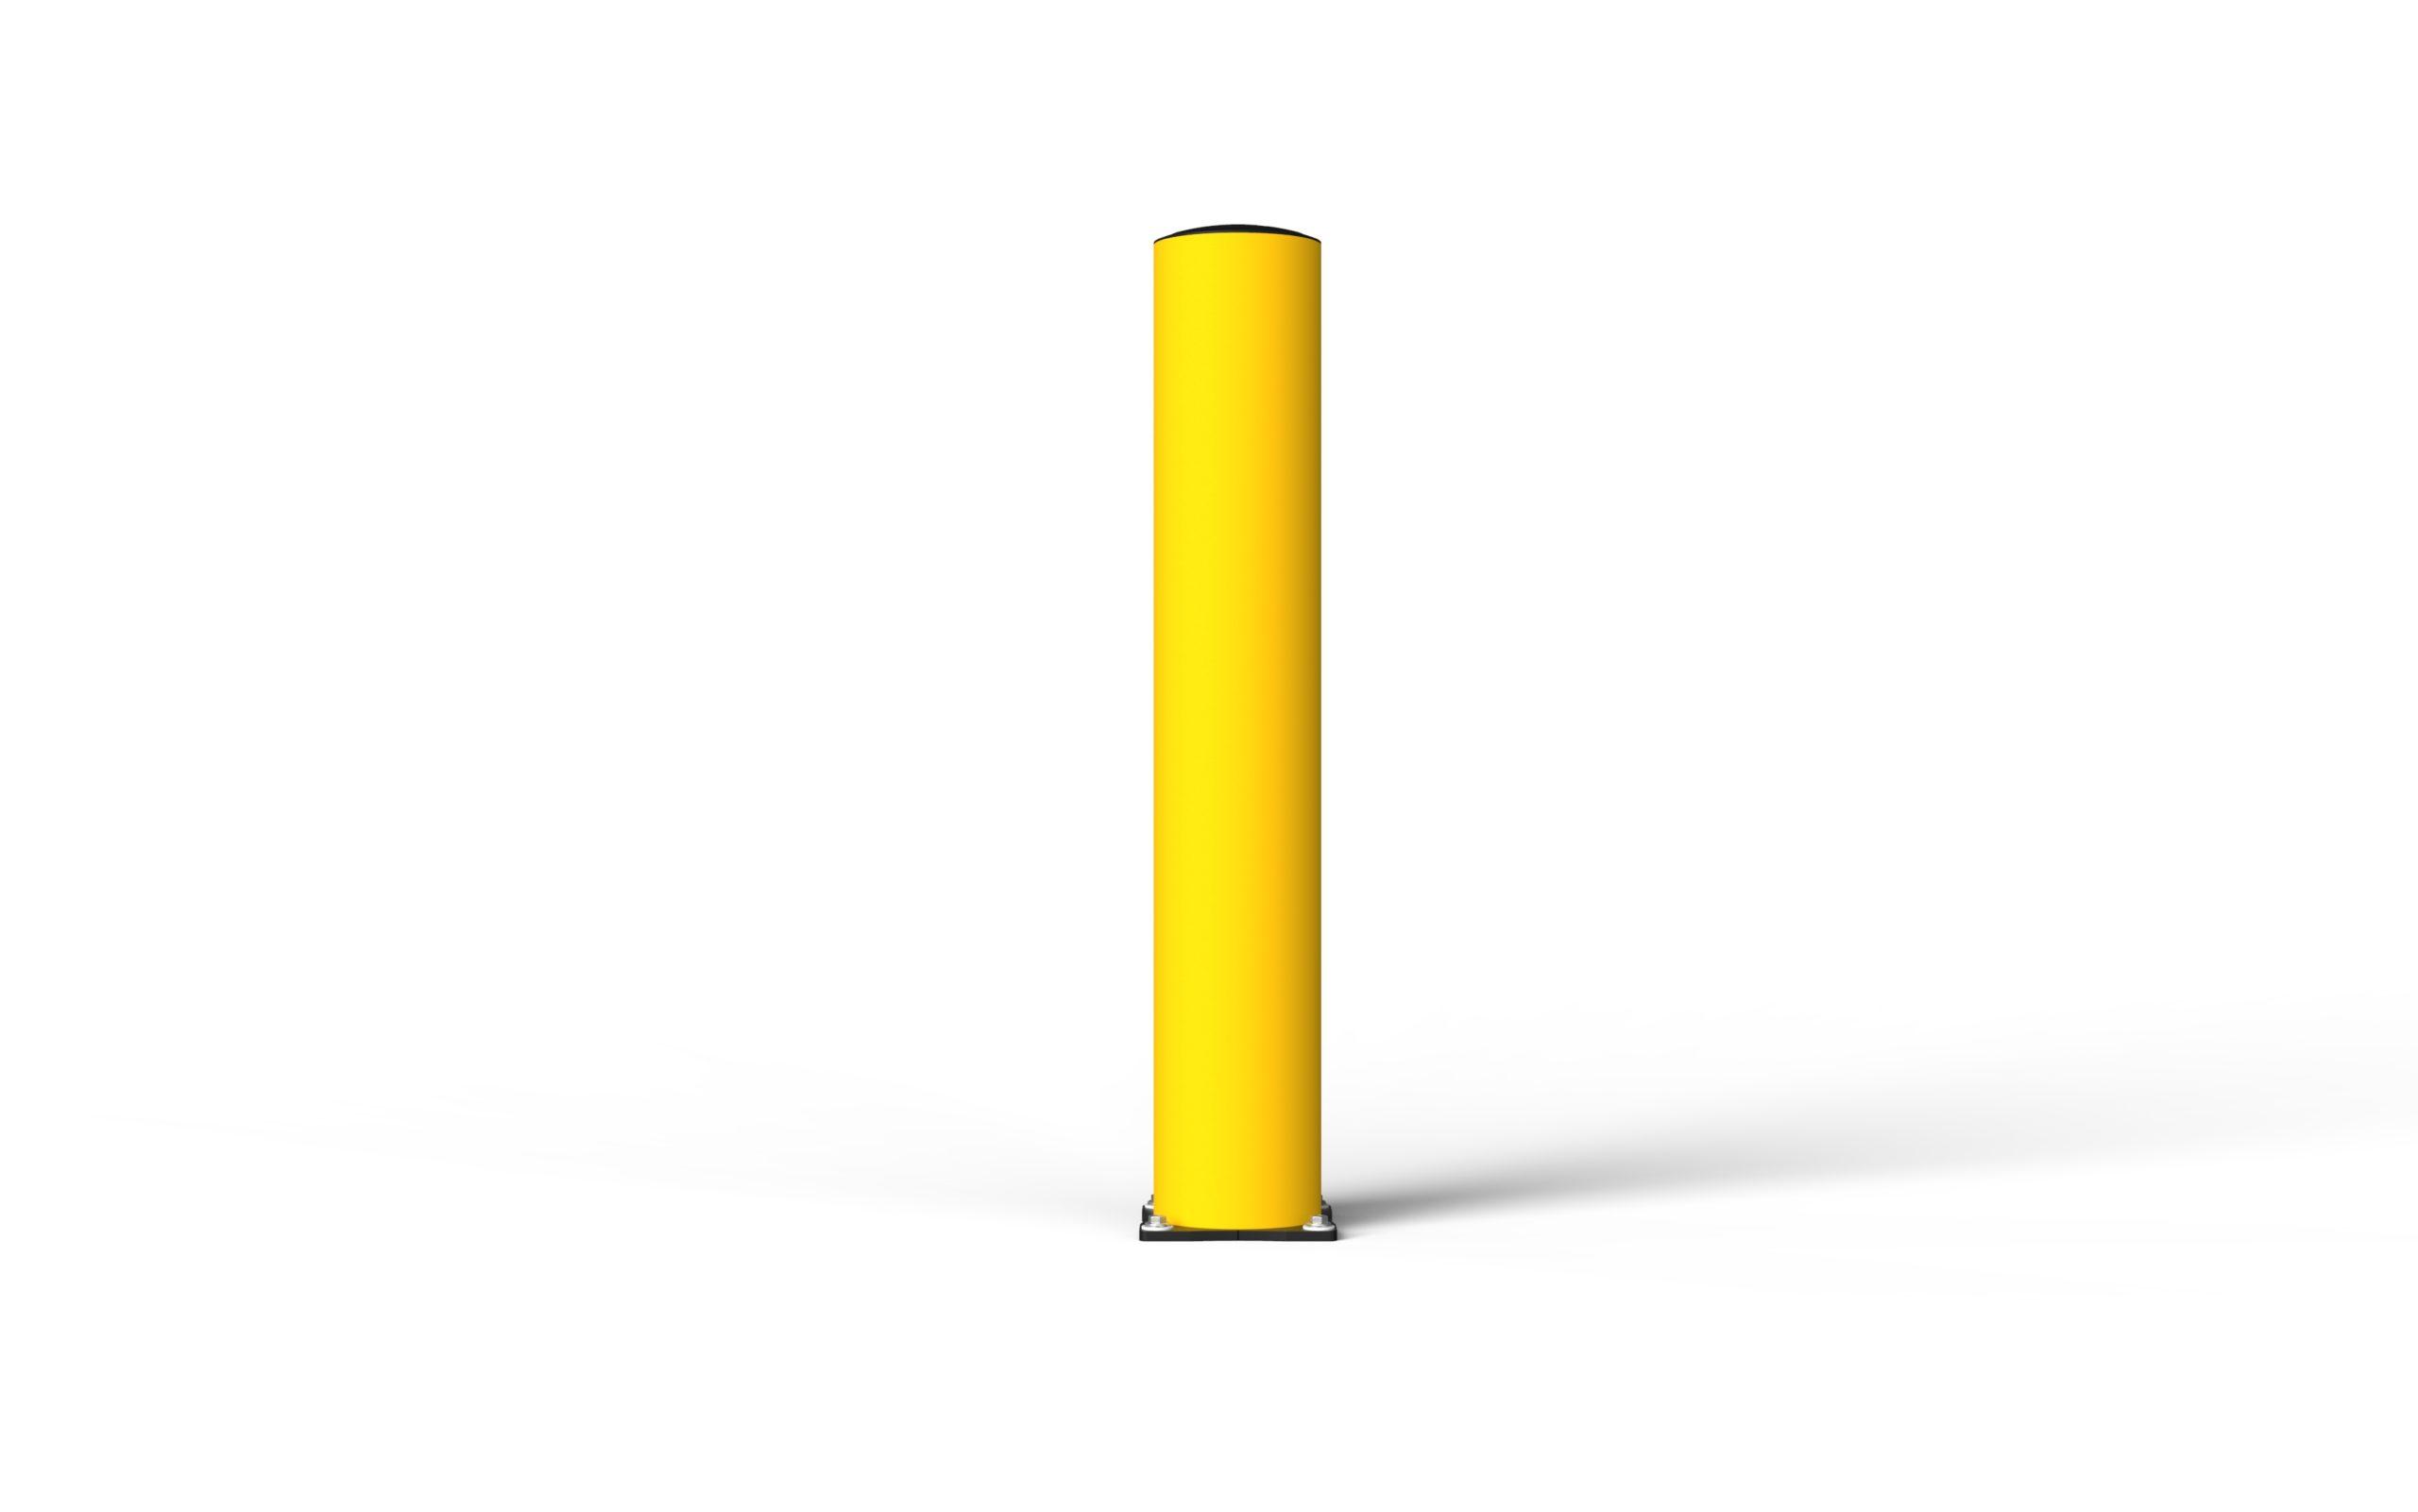 Schutzpoller boplan® BO Impact Ø200 – Höhe 1200 mm – gelb mit galvanisch verzinkter Bodenplatte